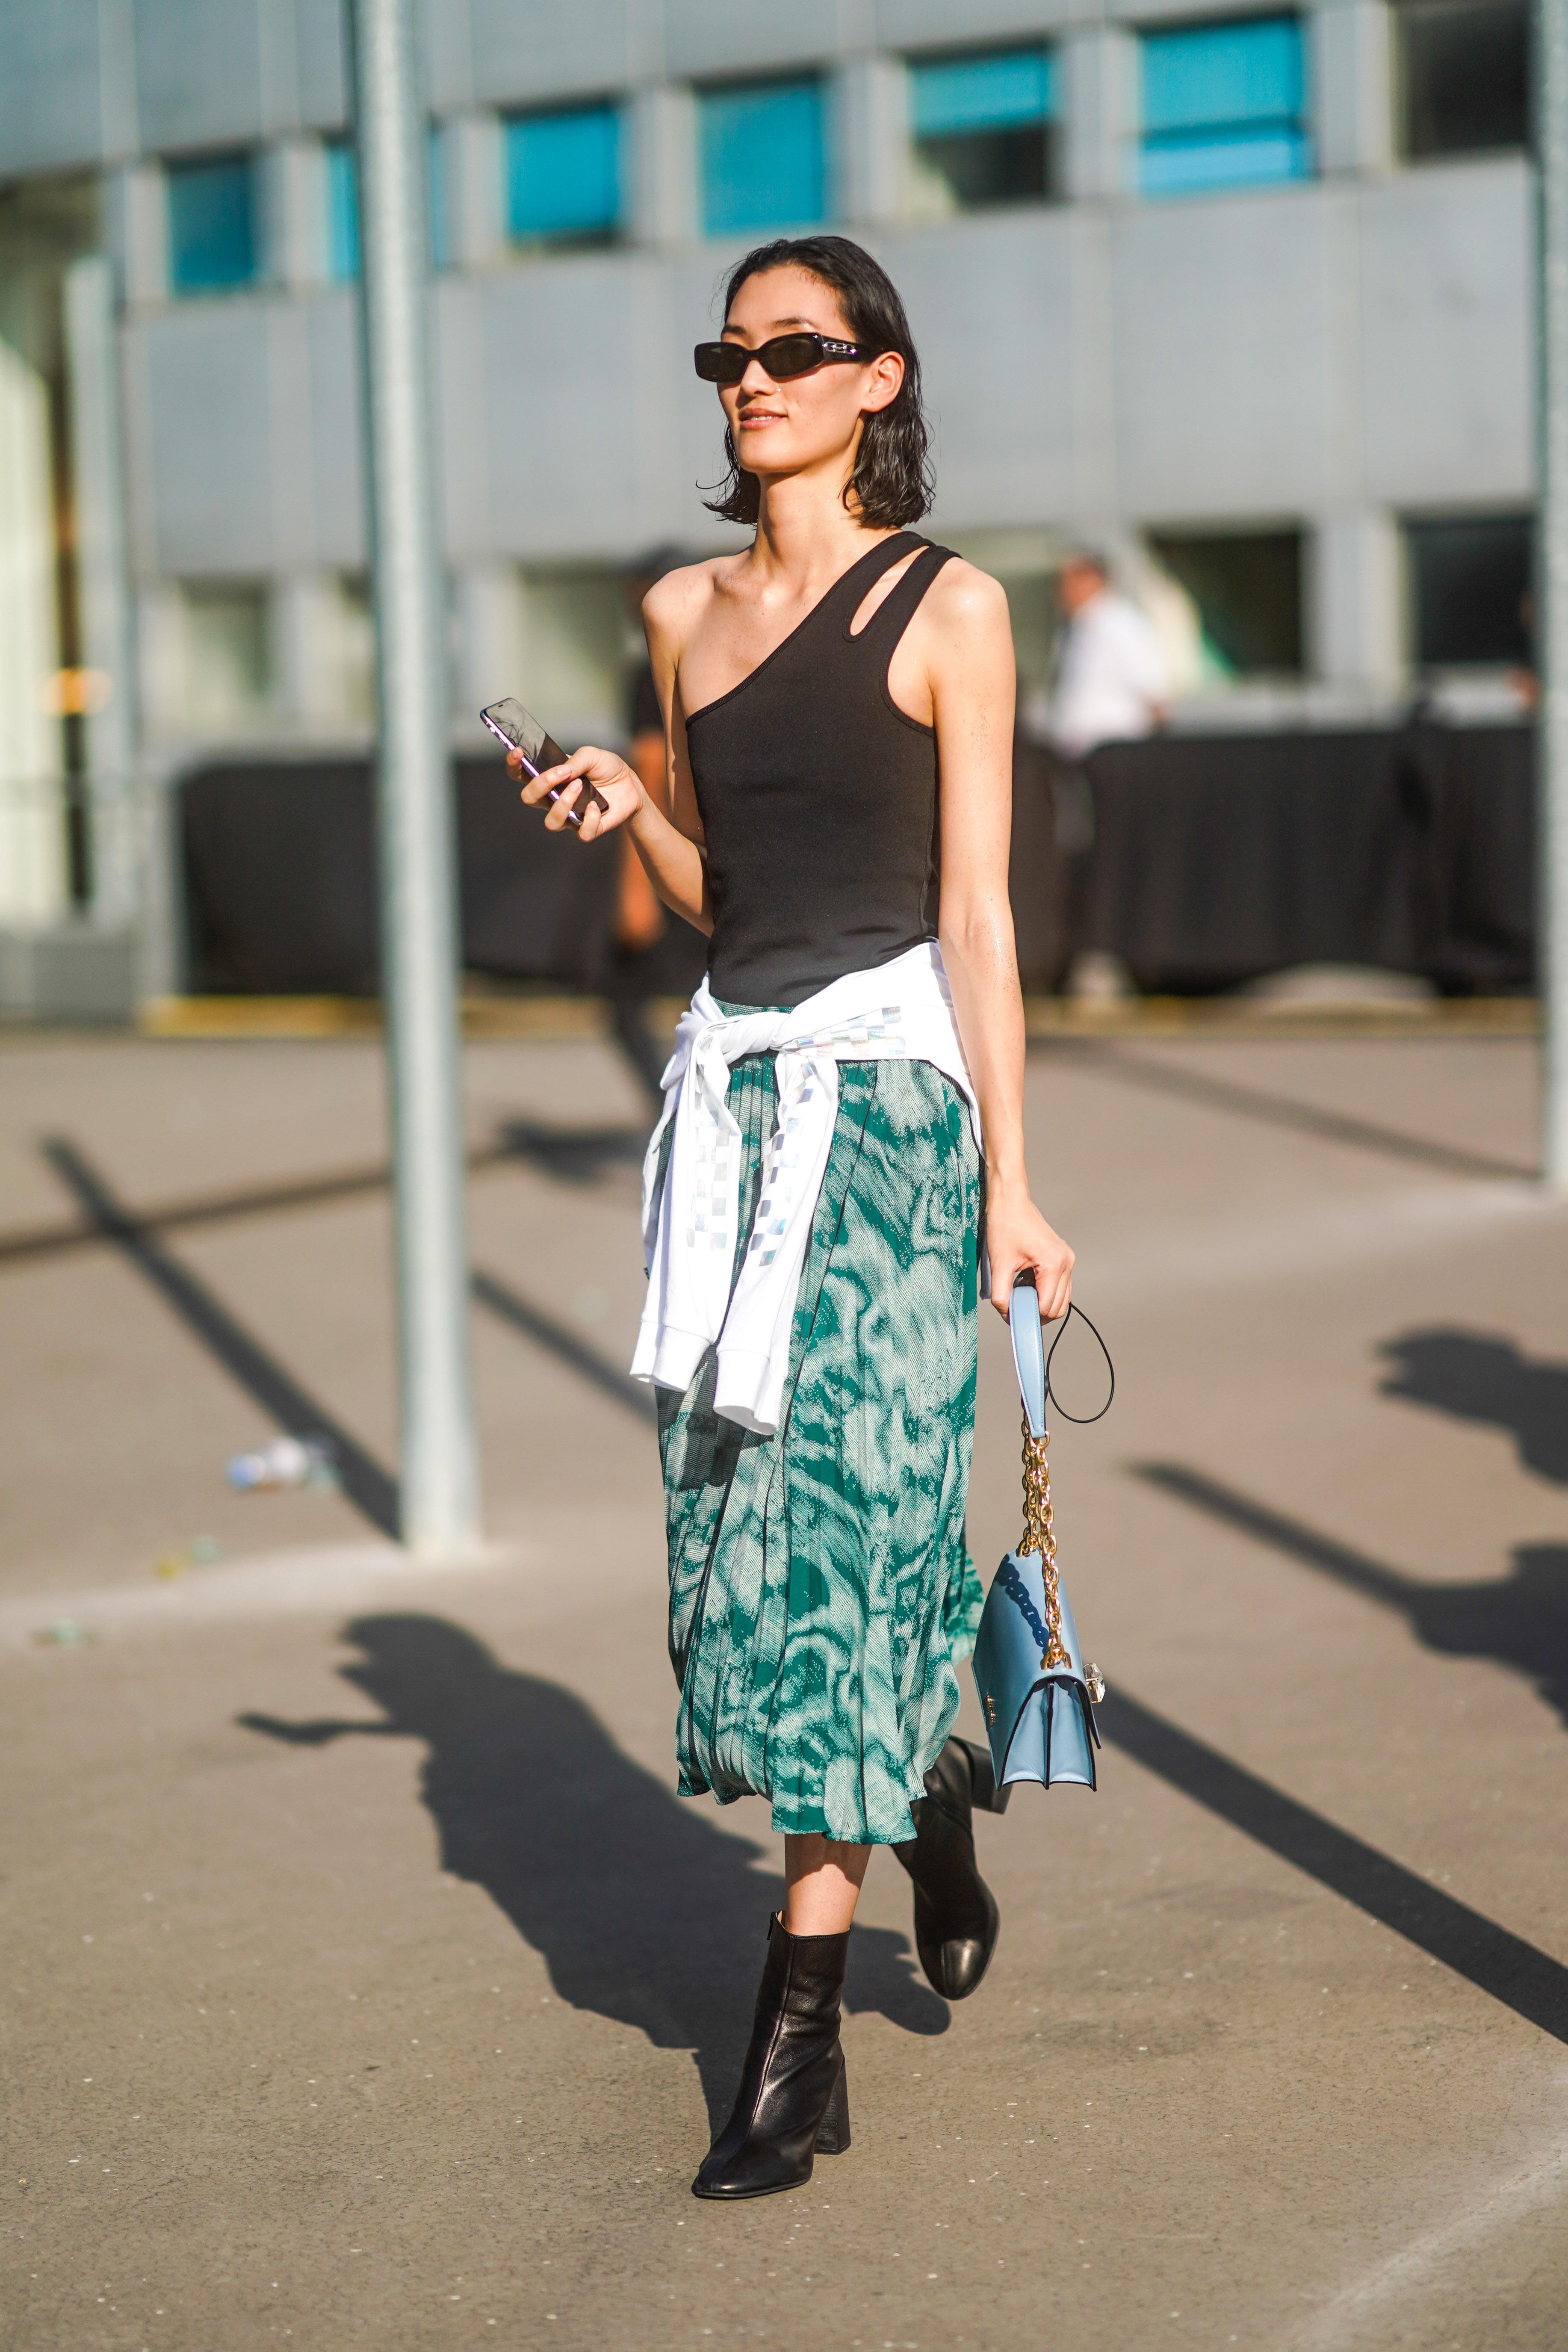 エキセントリックな印象のマーブルパターンは柔らかなプリーツスカートで取り入れて。トレンド感あるワンショルダートップスとのコーディネイトは、スウェットでウエストマークしてカジュアルさをプラス!